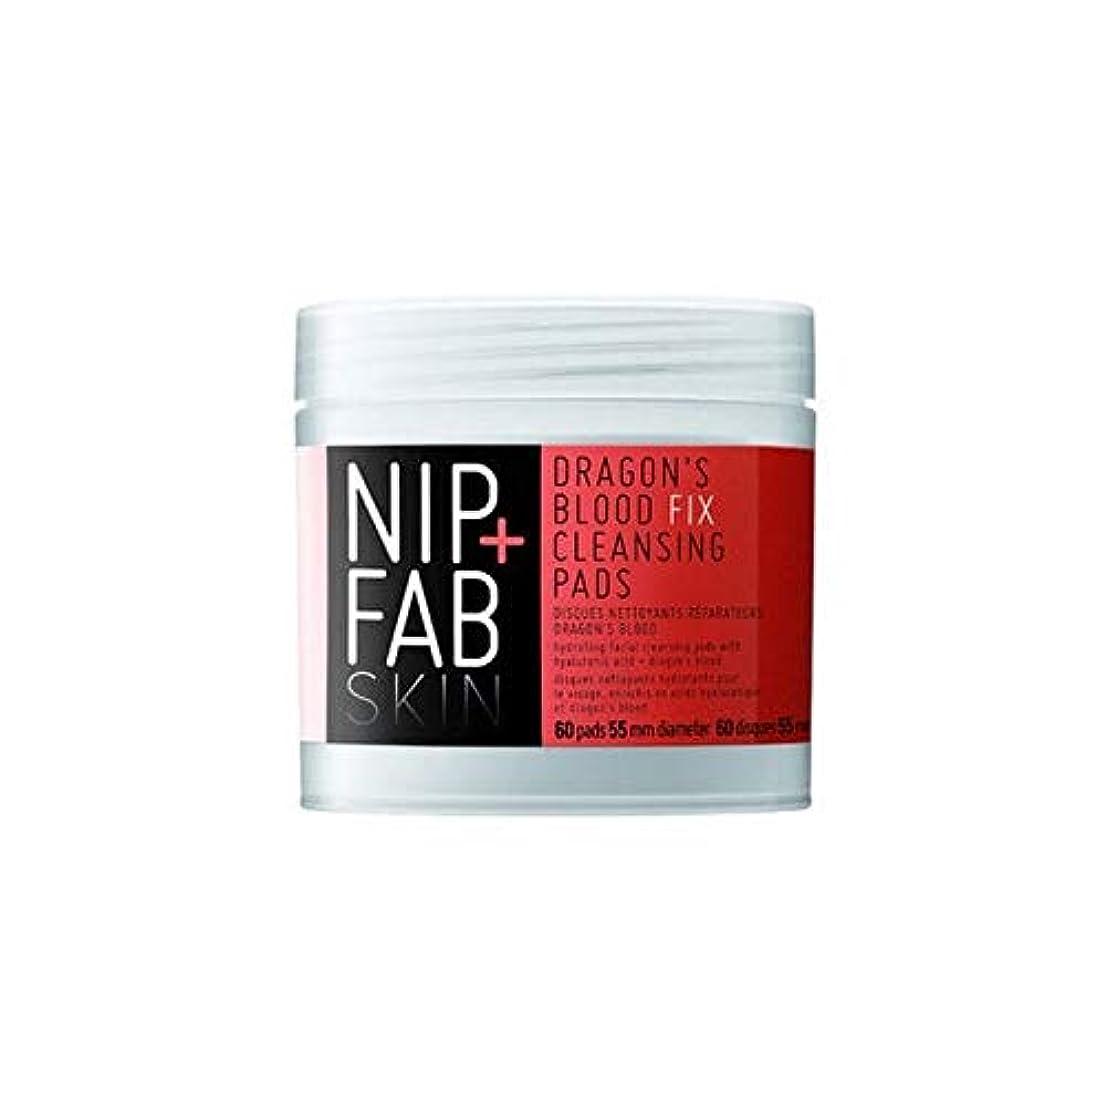 解明接地教育学[Nip & Fab] + Fabドラゴンの血修正クレンジングパッドX60ニップ - Nip+Fab Dragons Blood Fix Cleansing Pads x60 [並行輸入品]